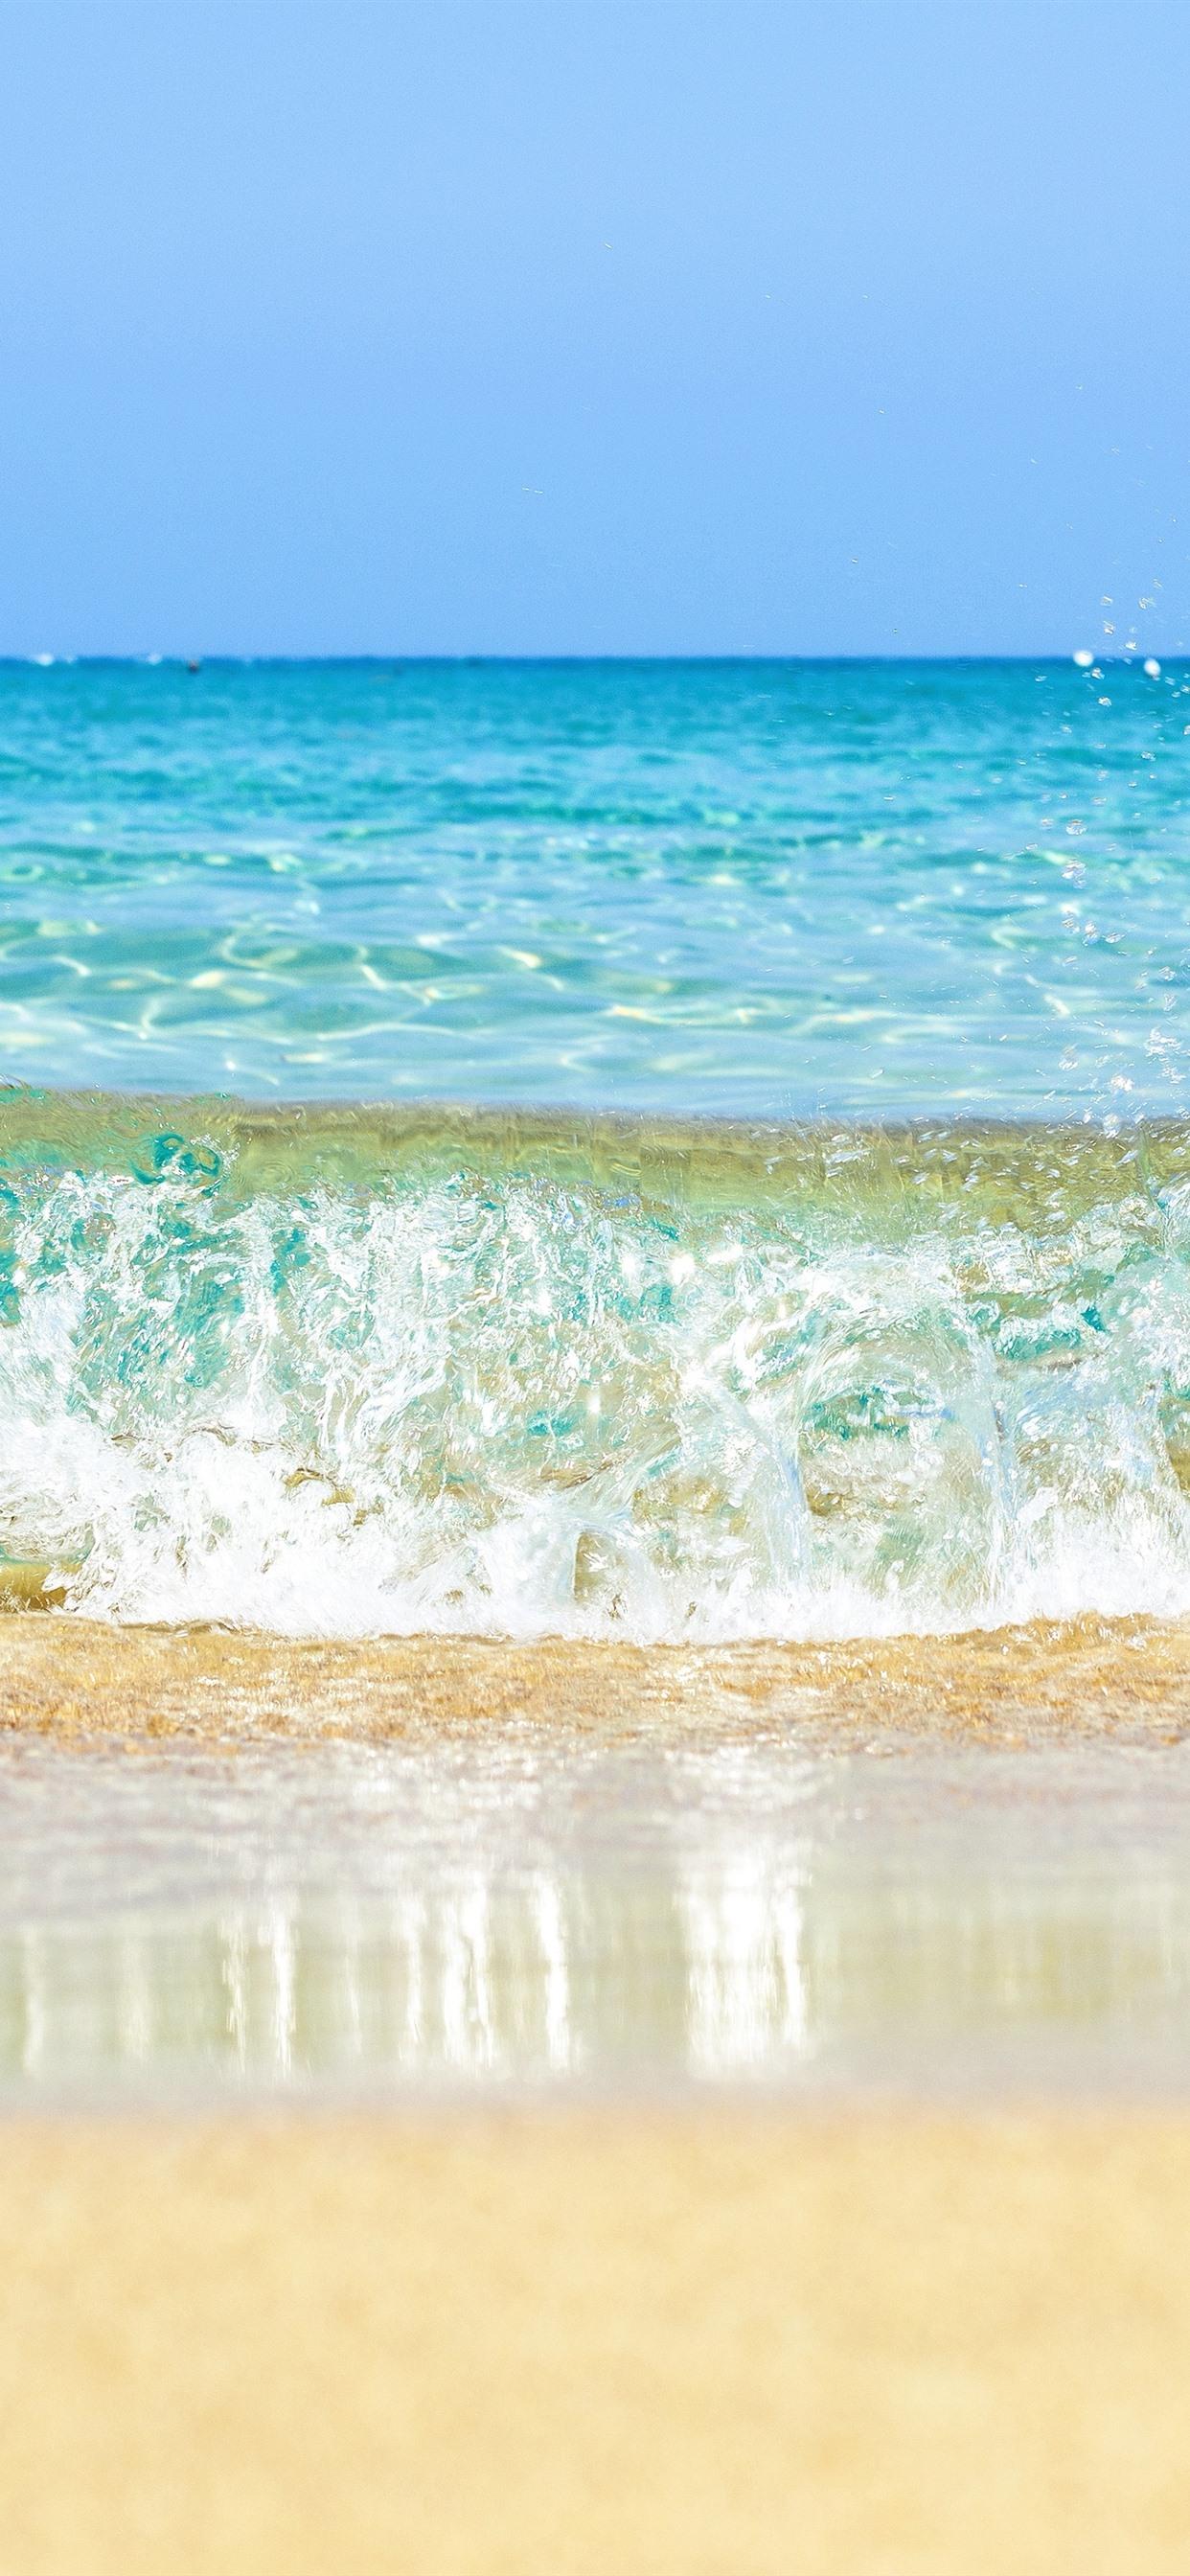 壁紙 水スプラッシュ ビーチ 海 5120x2880 Uhd 5k 無料の